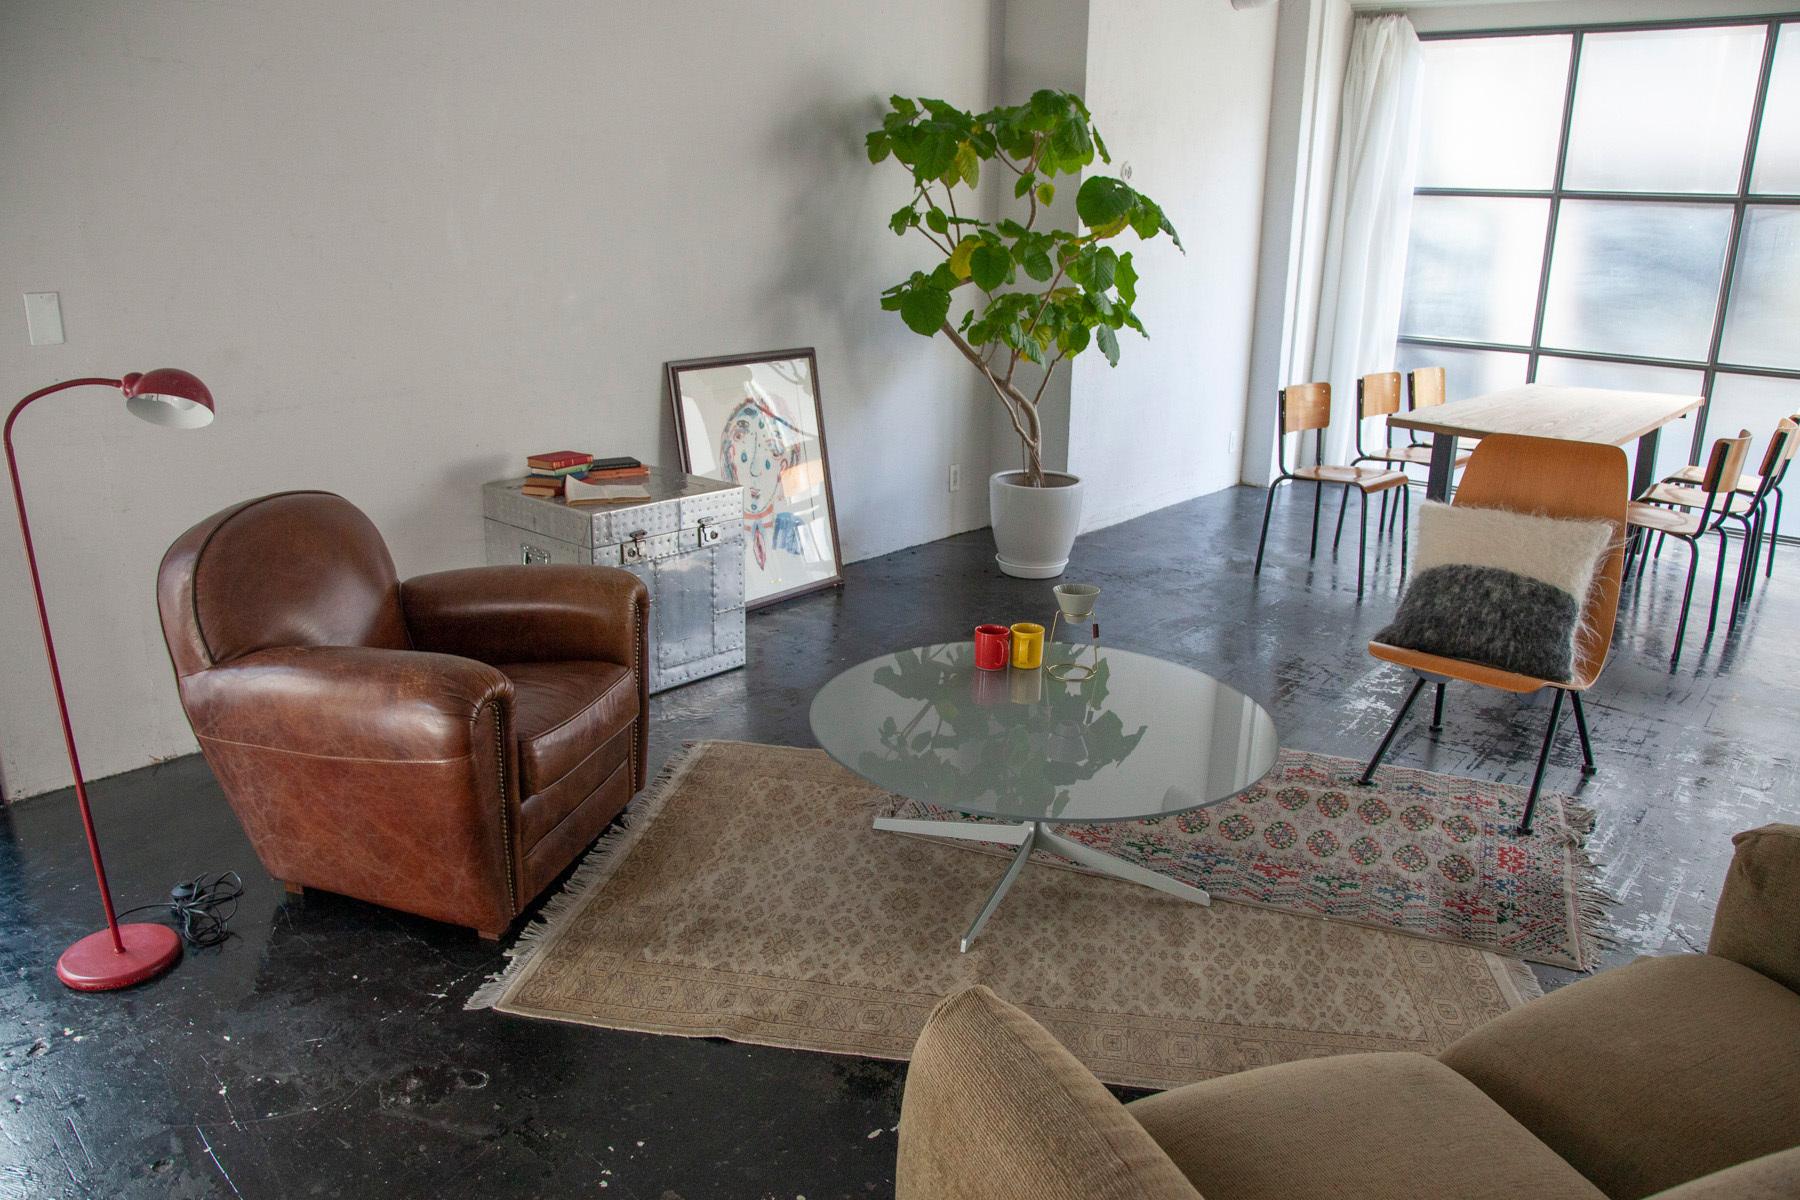 STUDIO SAND 1F(スタジオサンド1F)ダークグレーの格子窓とドア